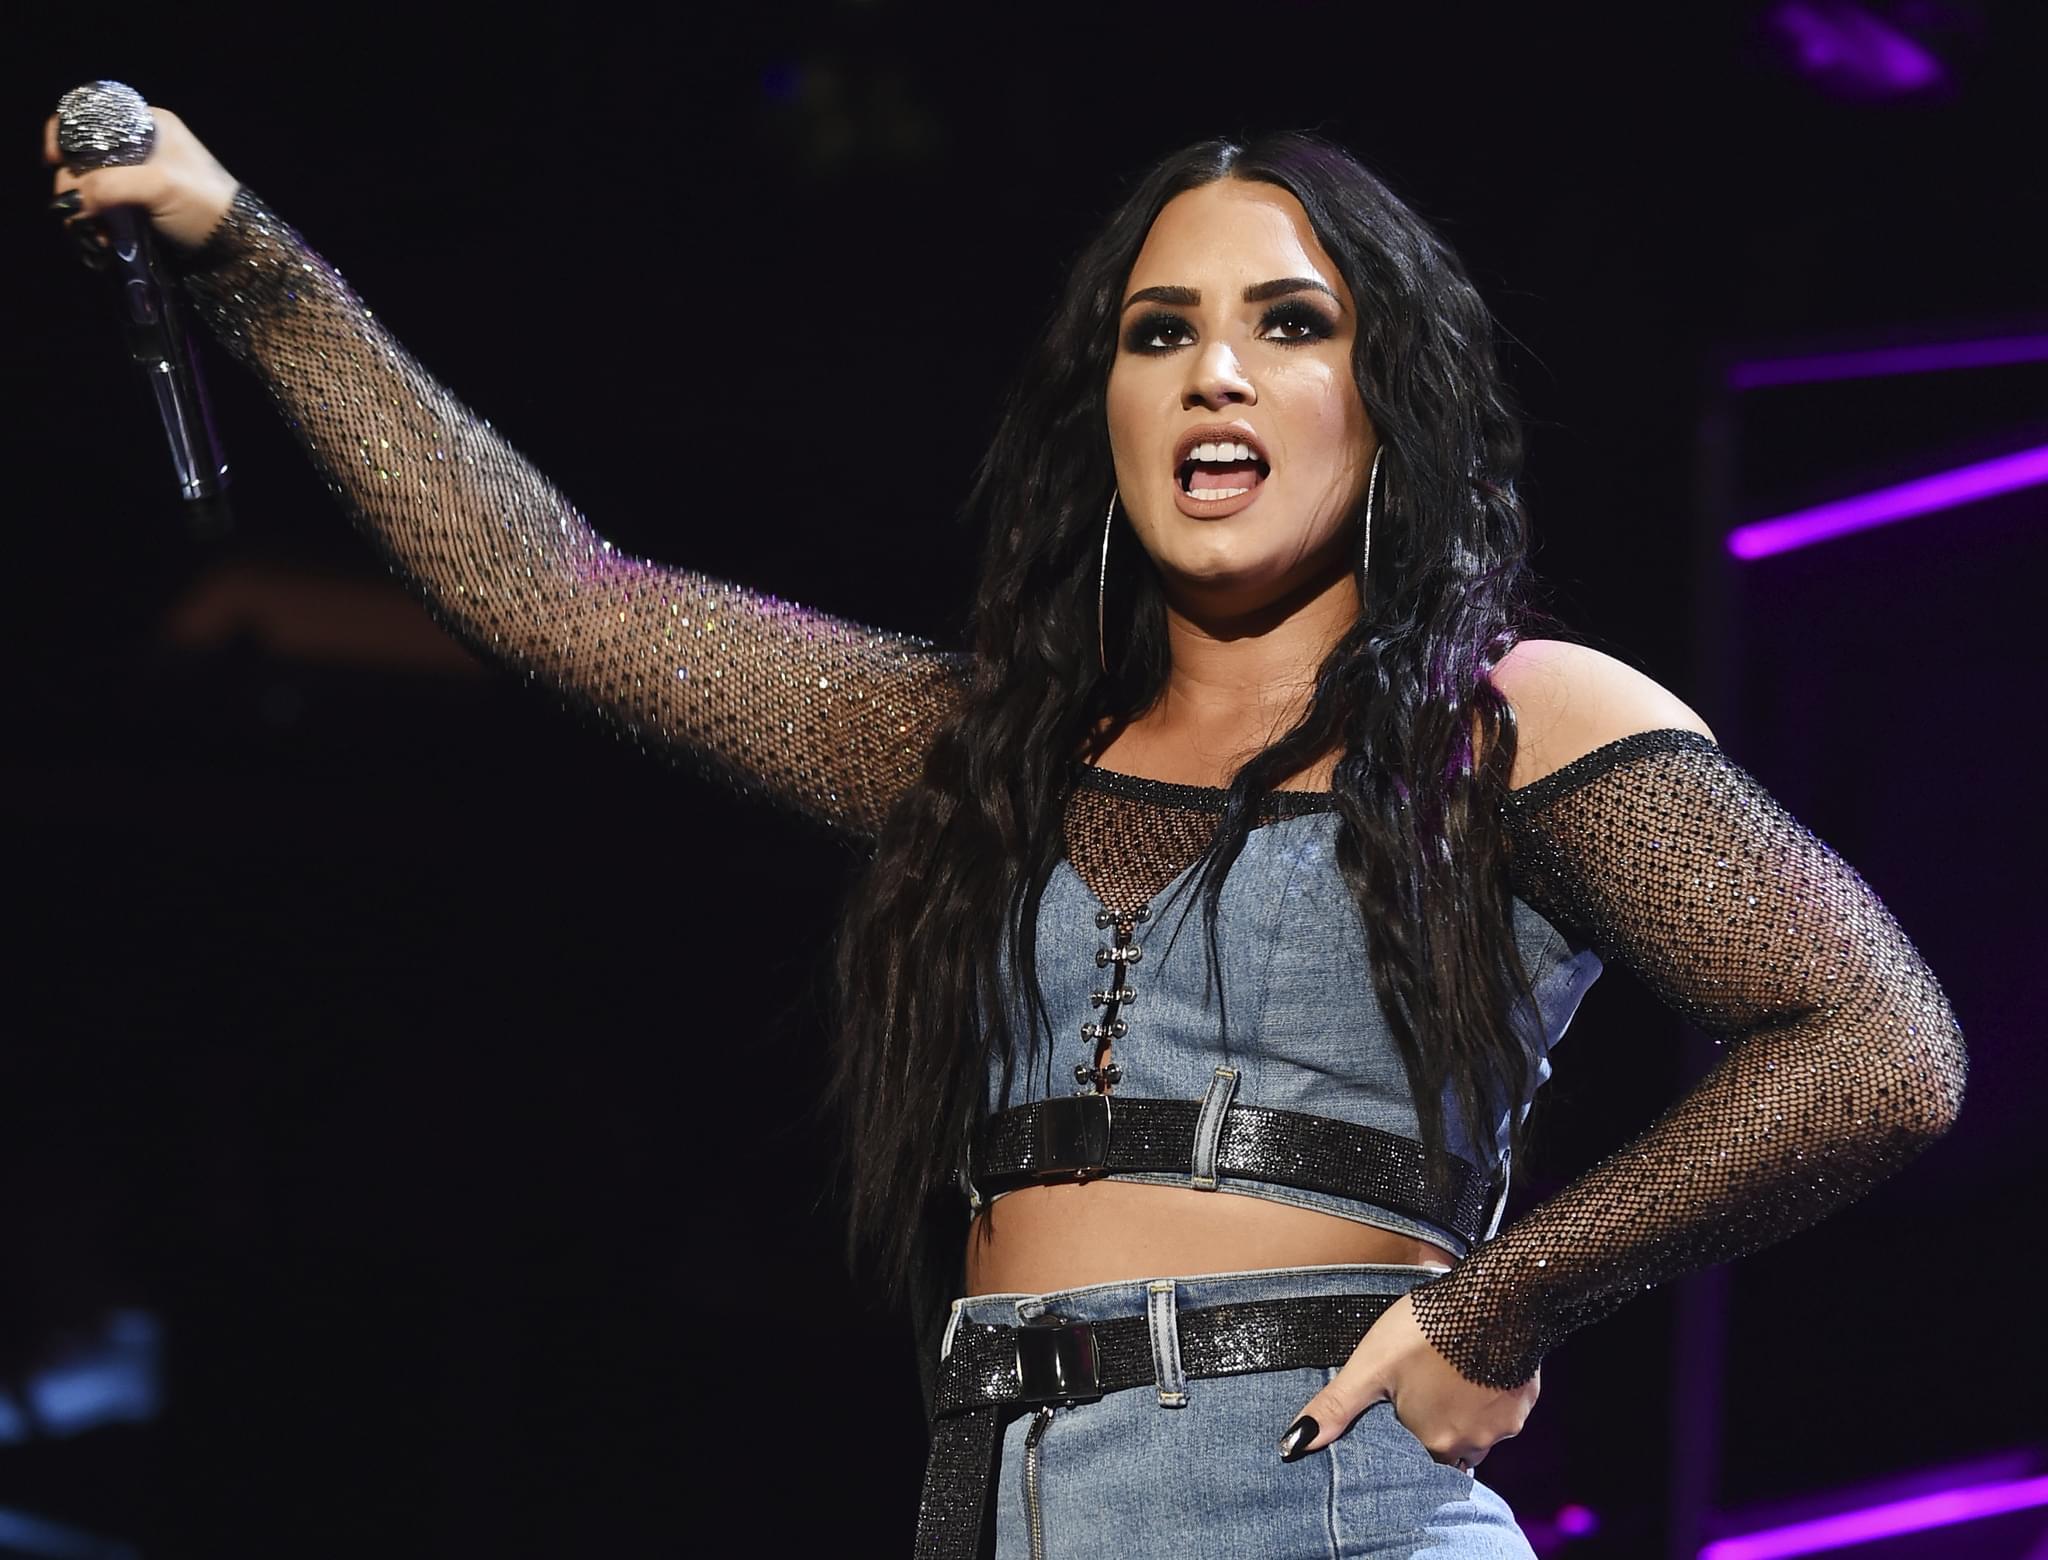 LOOK: Demi Lovato's New Boyfriend!